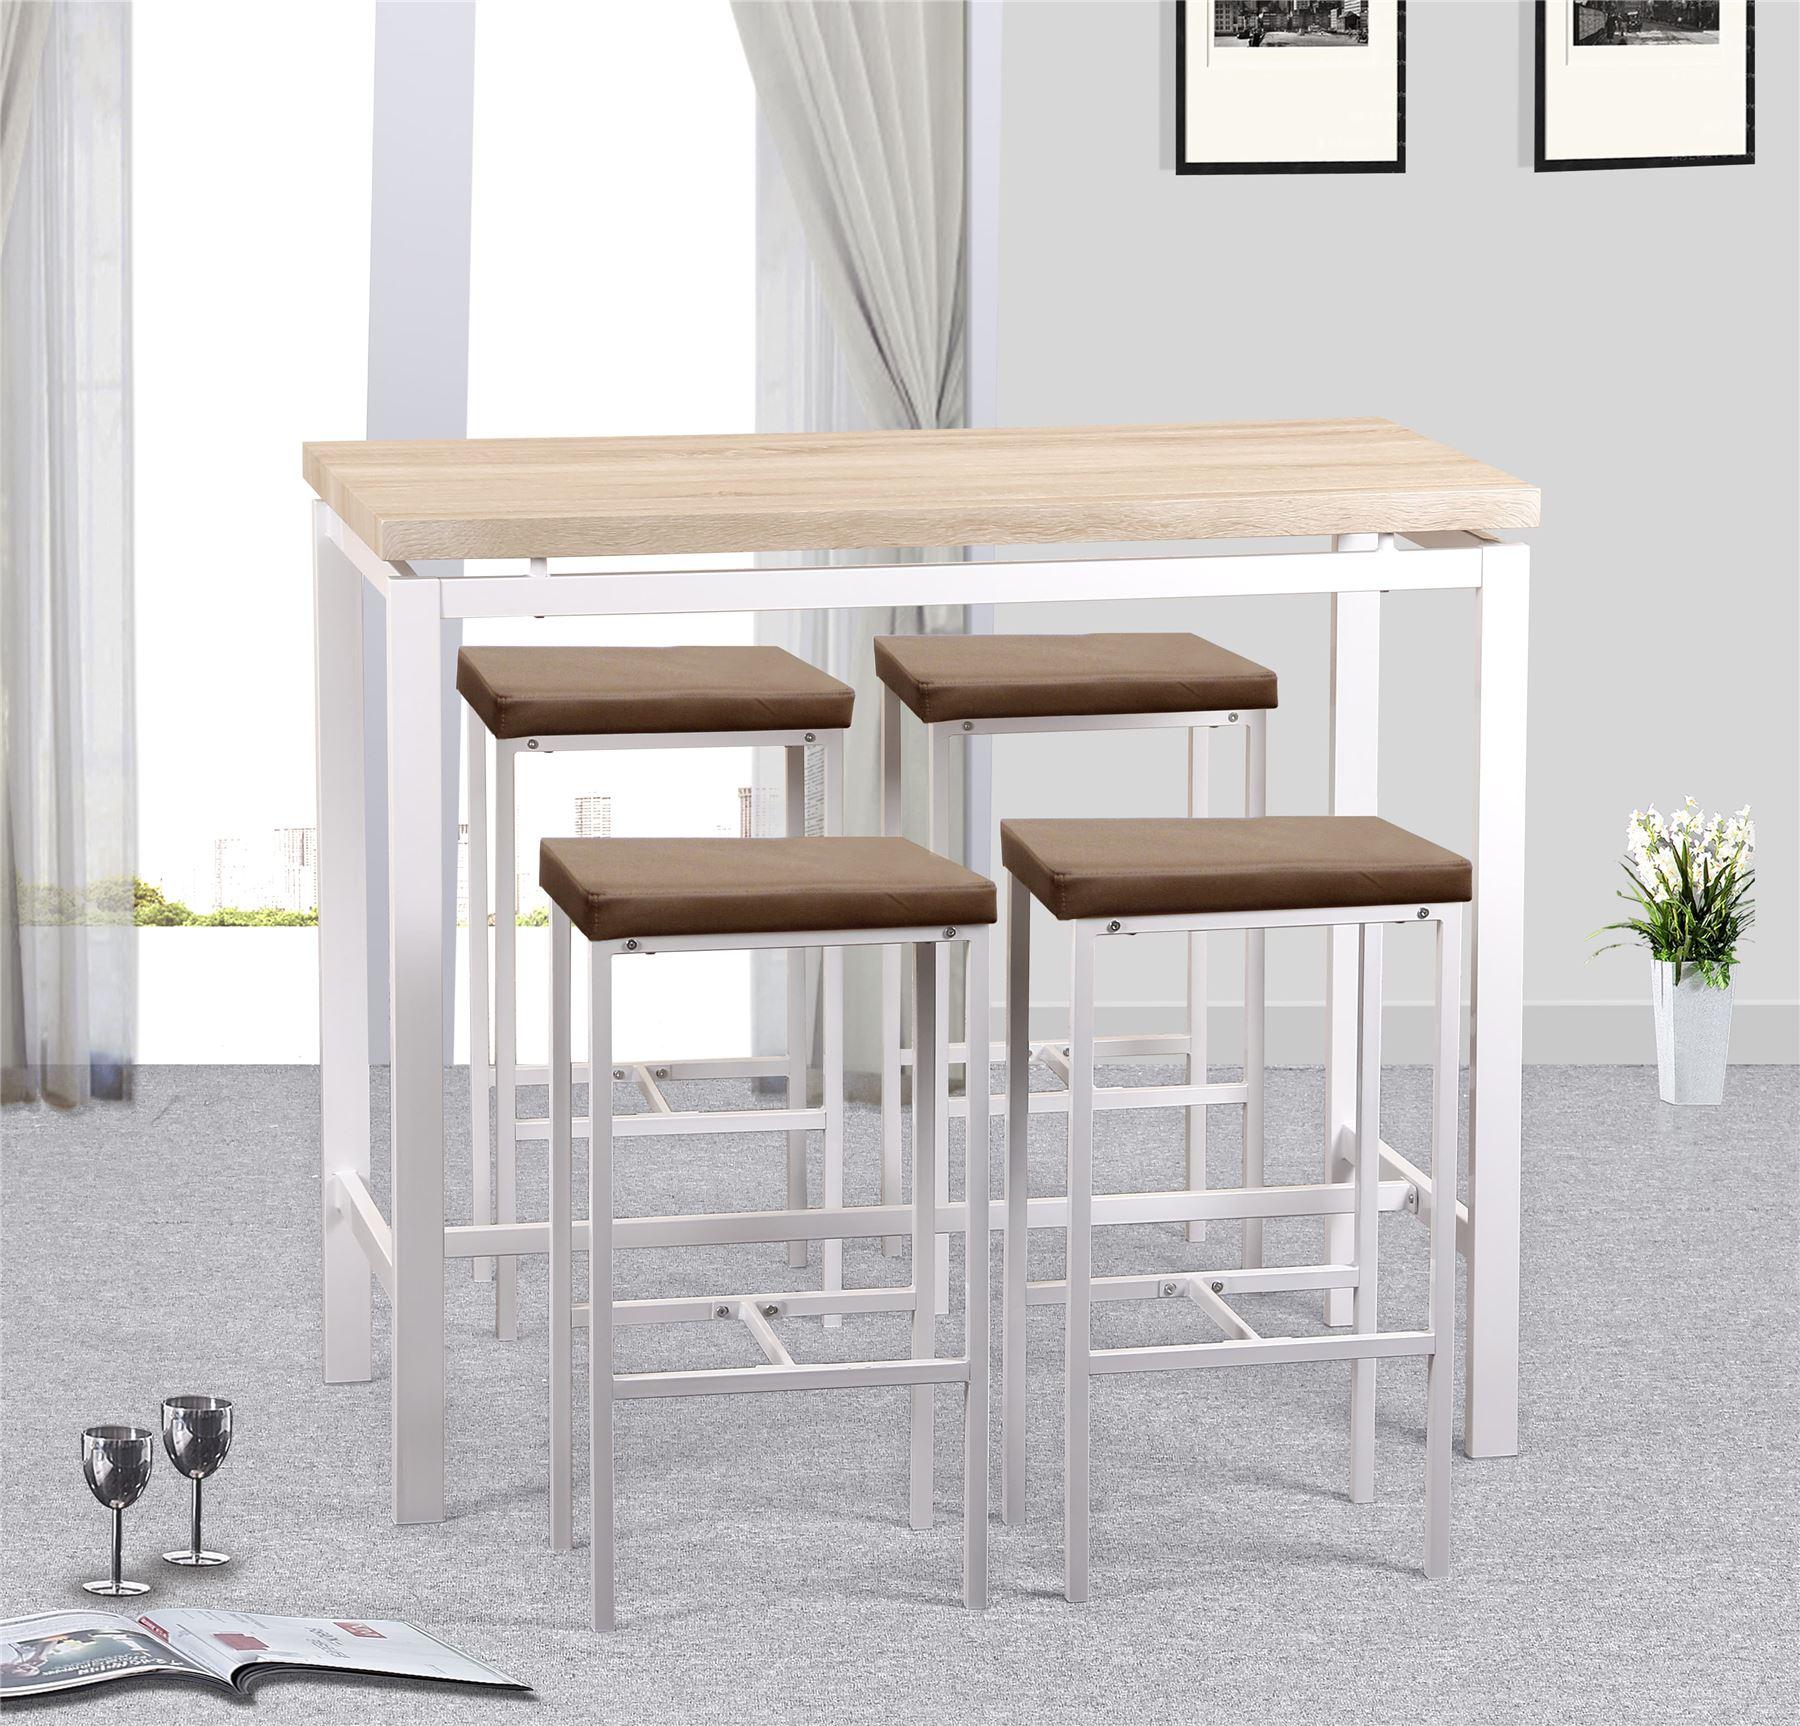 Berühmt Küche Pub Tisch Stühle Galerie - Küchenschrank Ideen ...